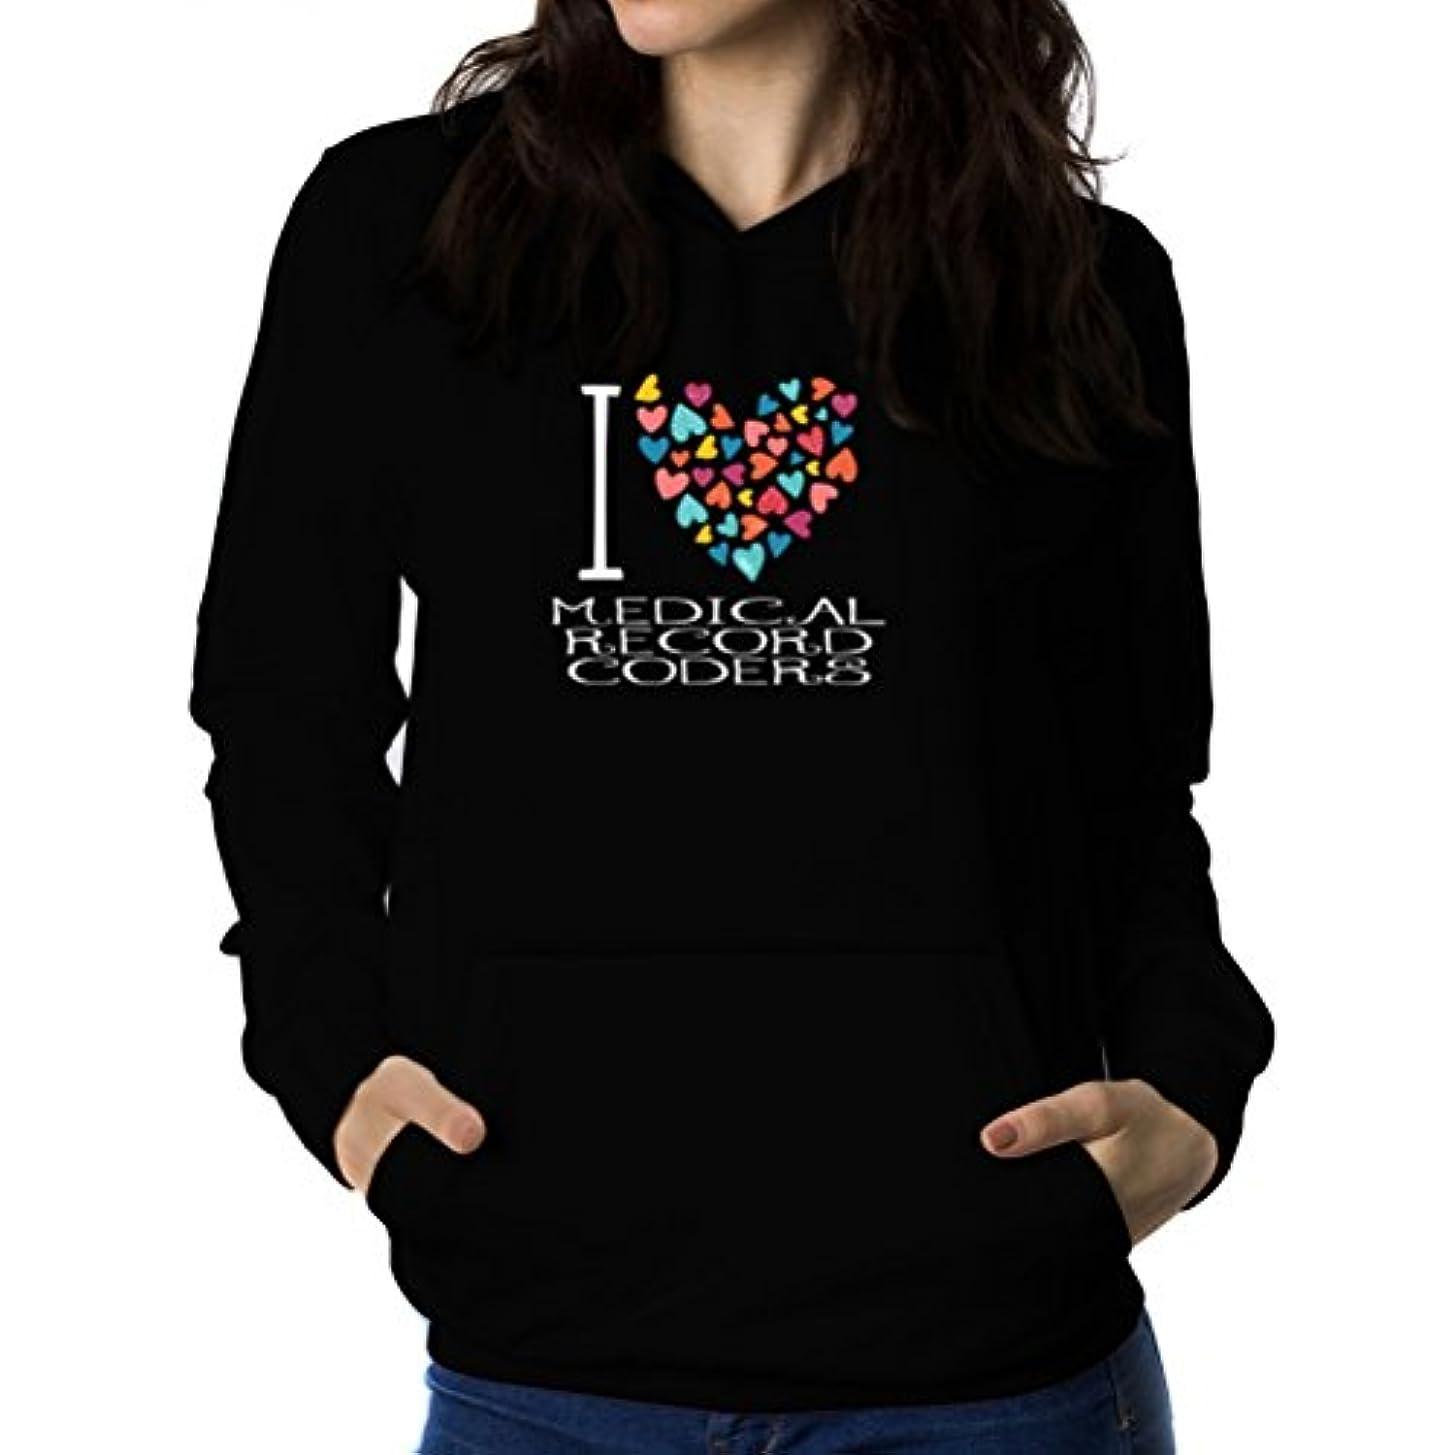 カテナスロベニア打ち上げるI love Medical Record Coder colorful hearts 女性 フーディー